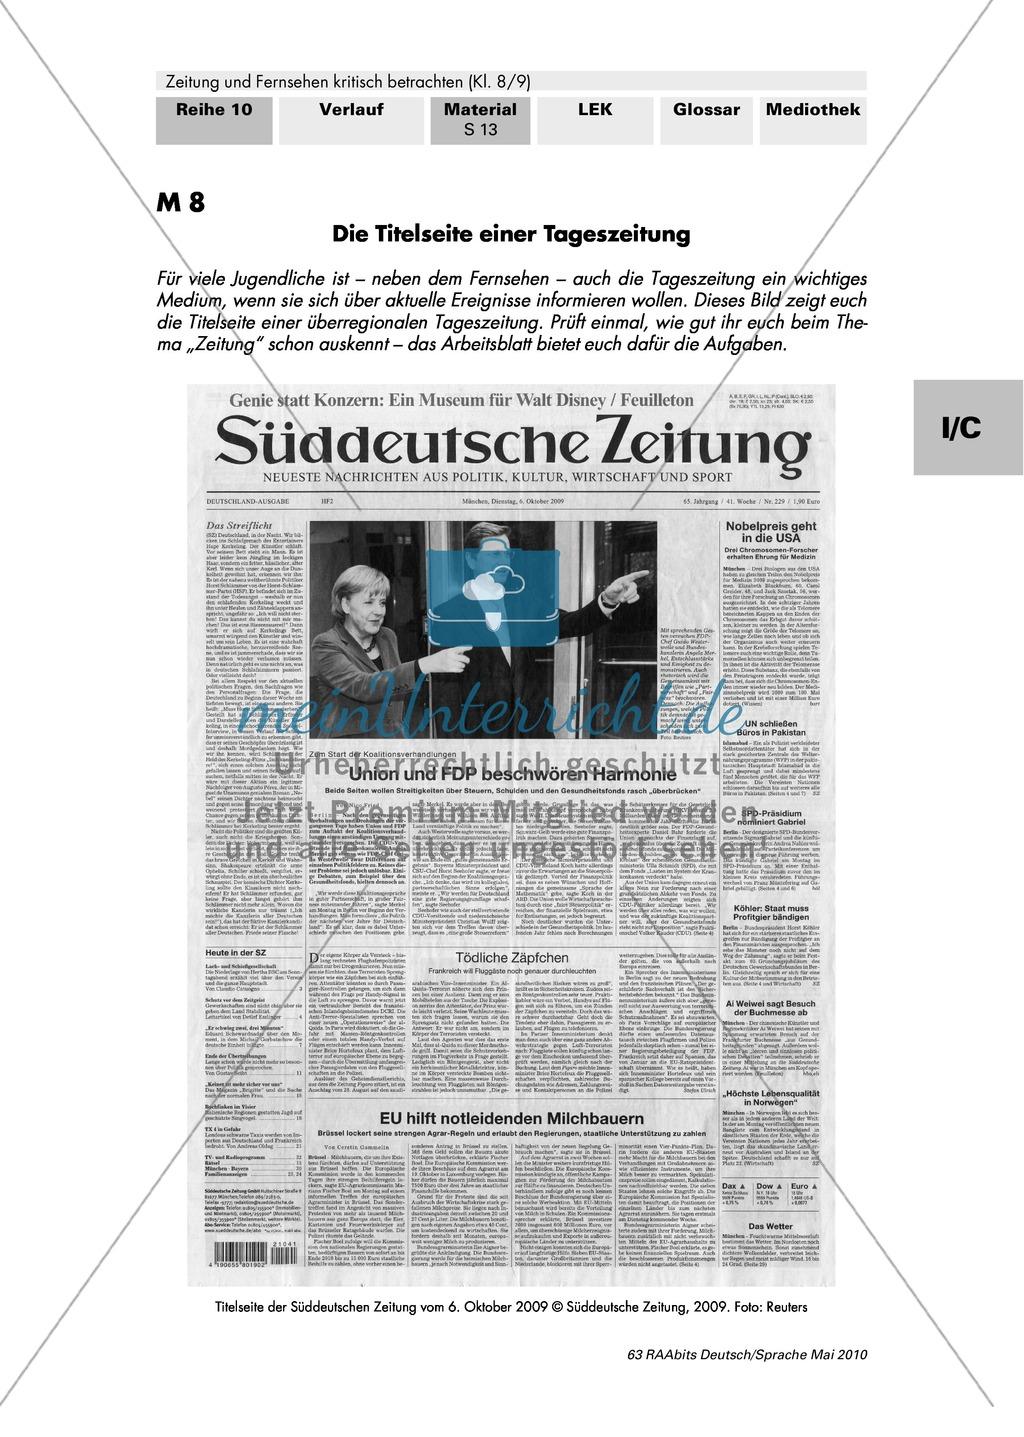 Titelseite einer Tageszeitung und Wirkung der Bilder Preview 0